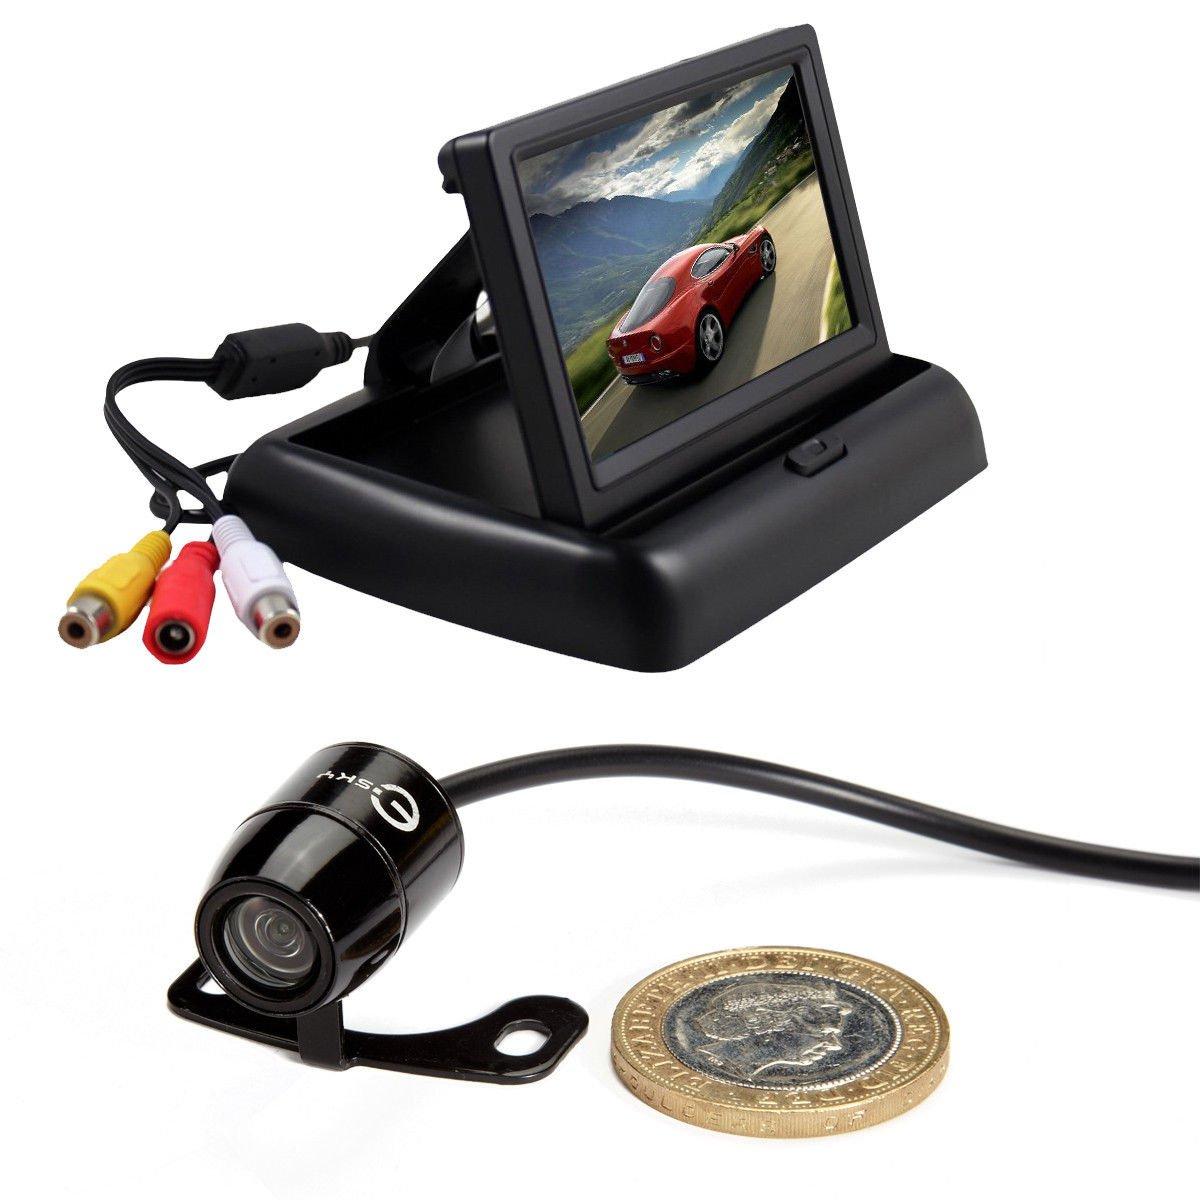 r TFT LCD Monitor Waterproof Reverse Car Rear View Backup Camera Kit 170°